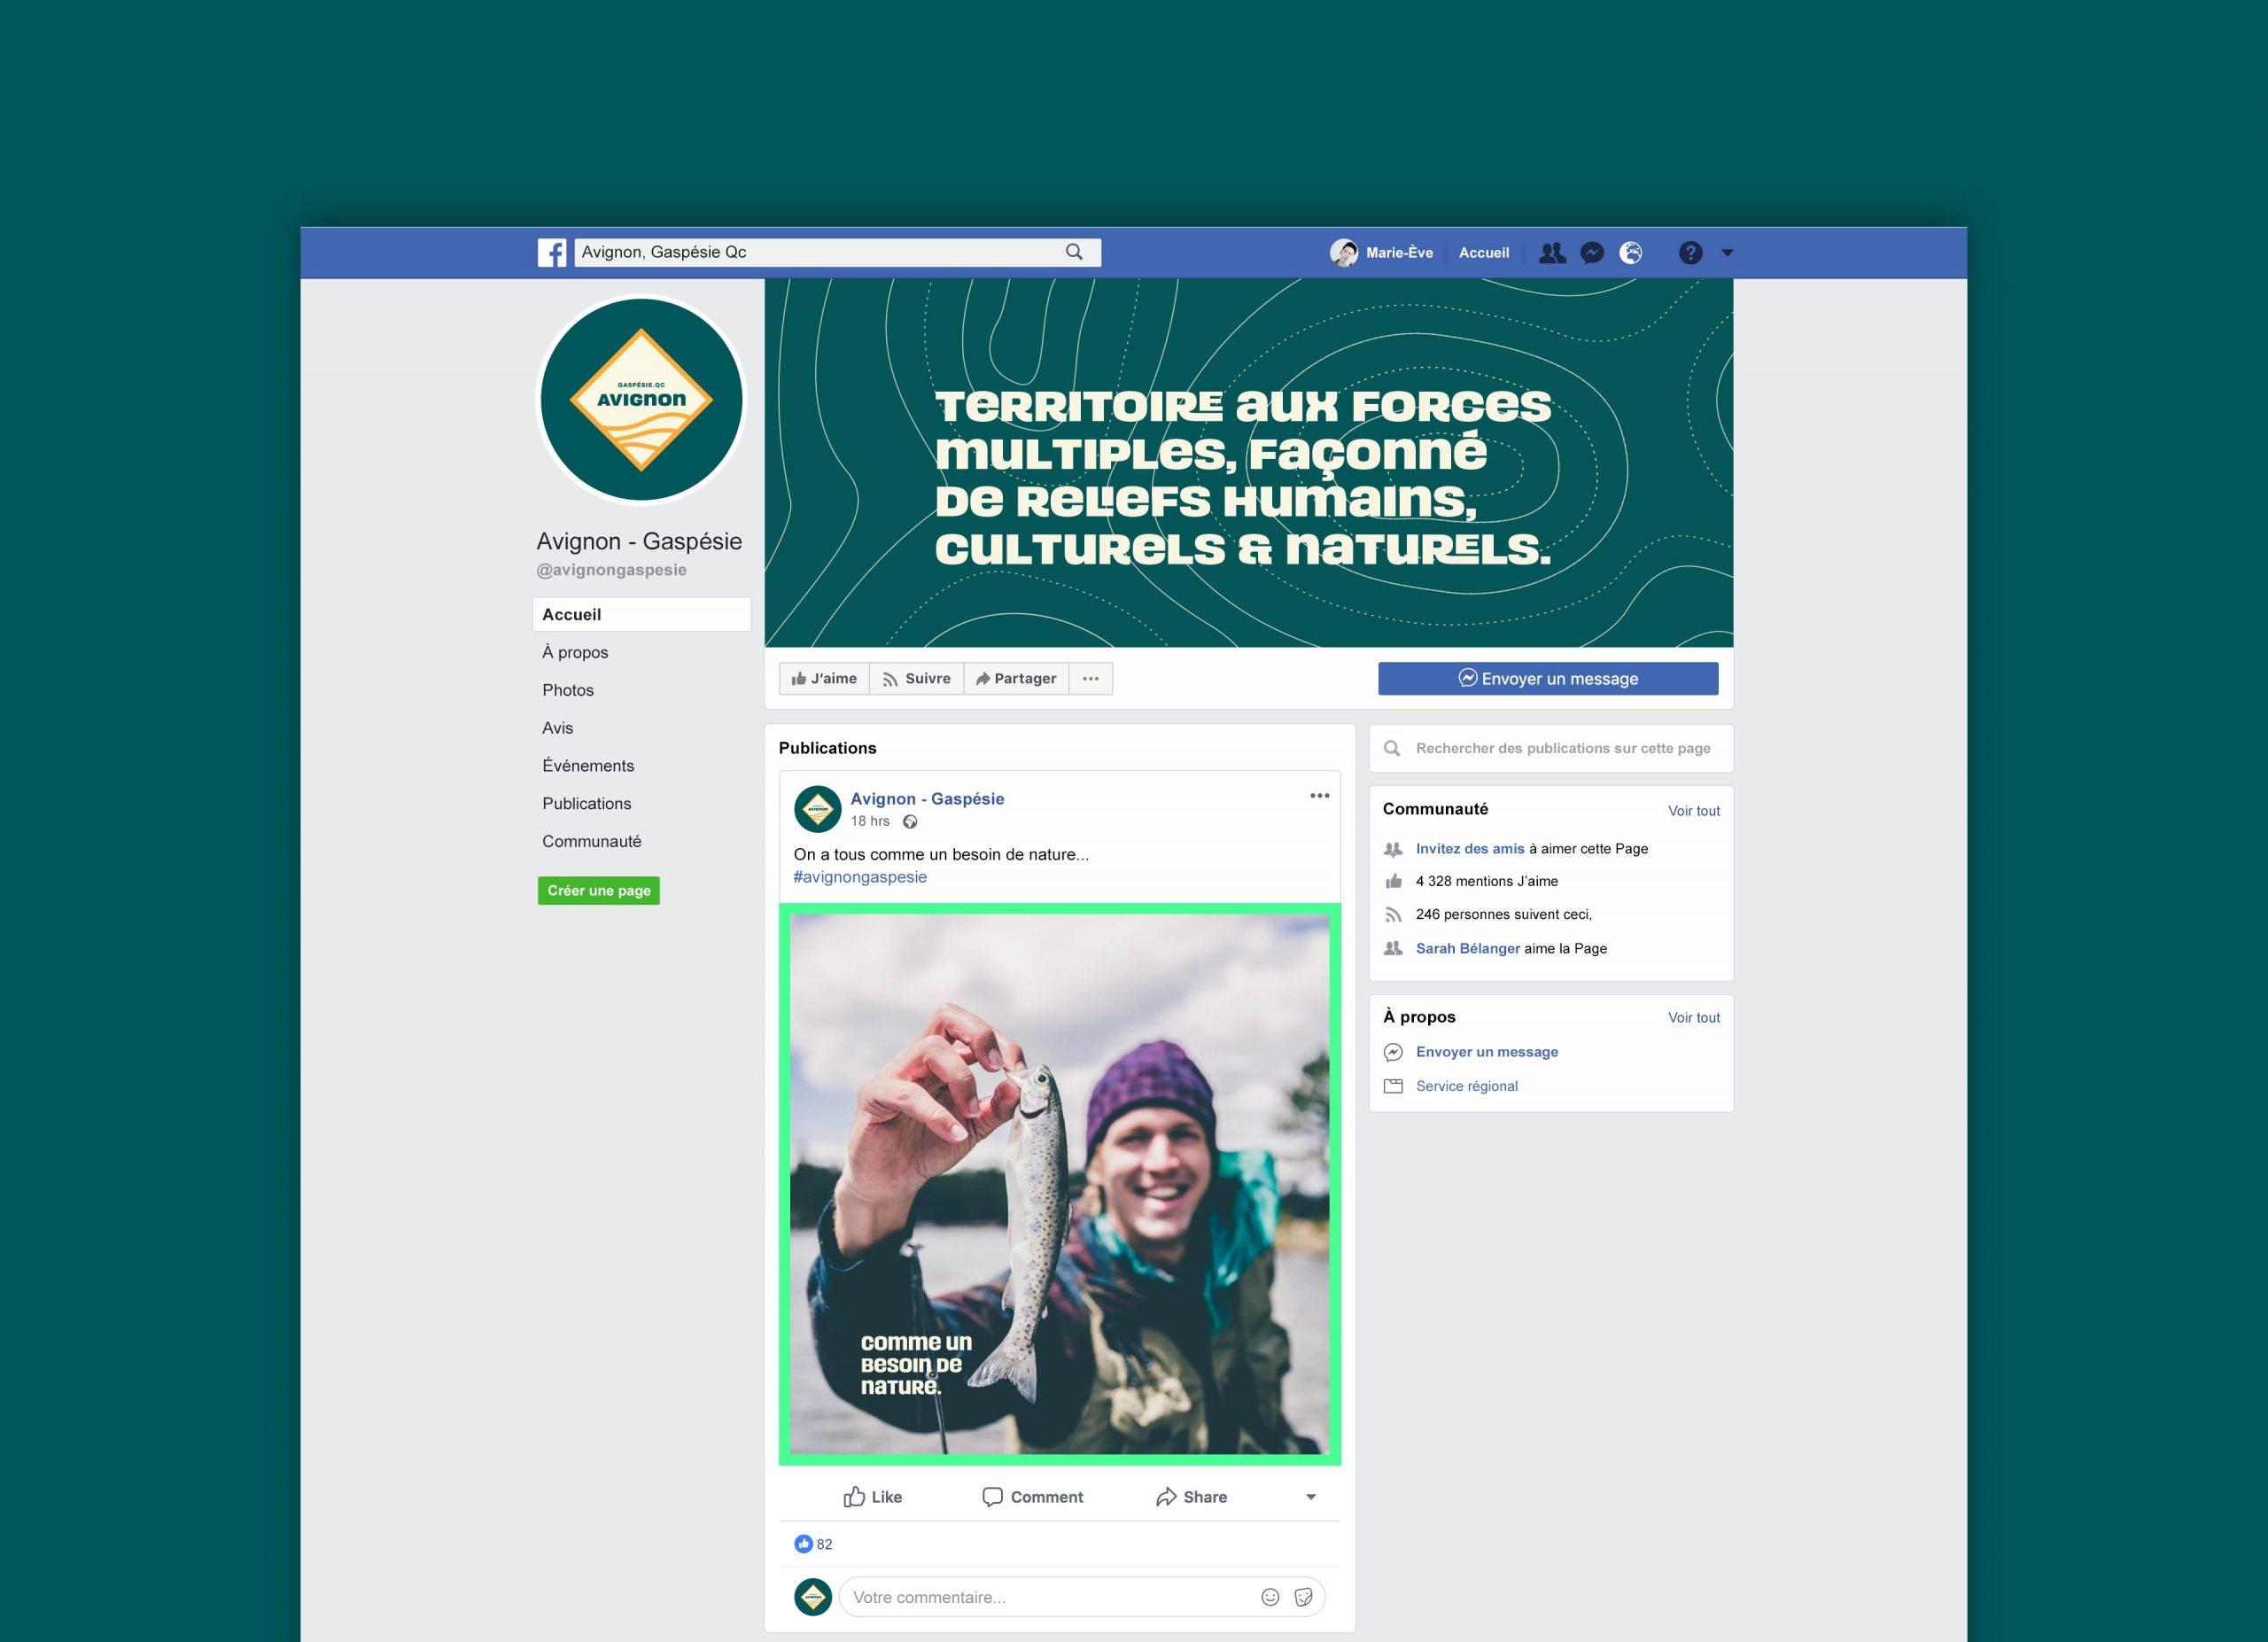 Facebook-Page-Mockup-v2